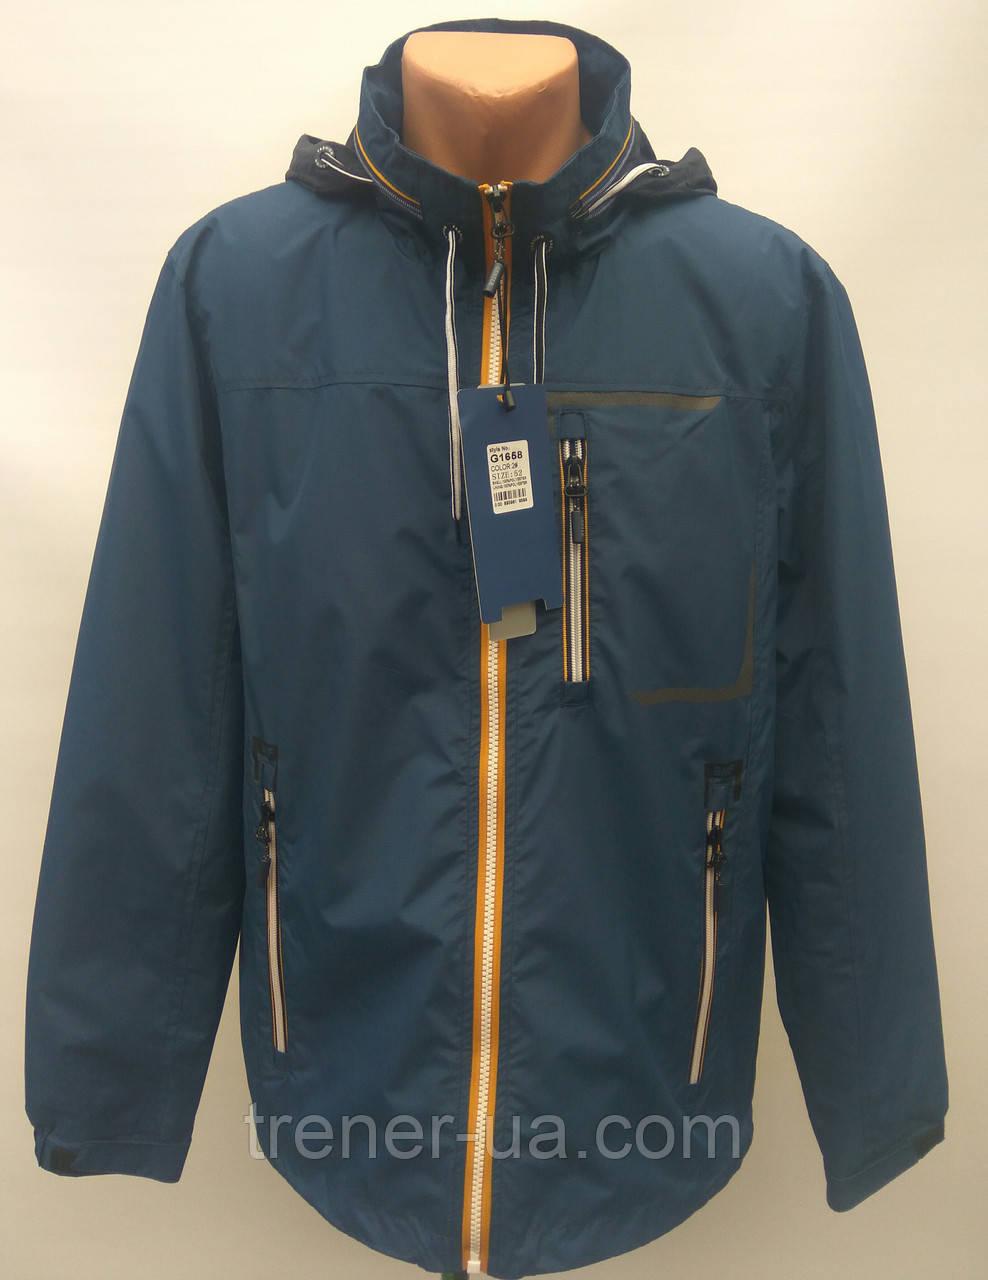 Ветровка сетка мужская в стиле Gentleman Forest GMF синяя